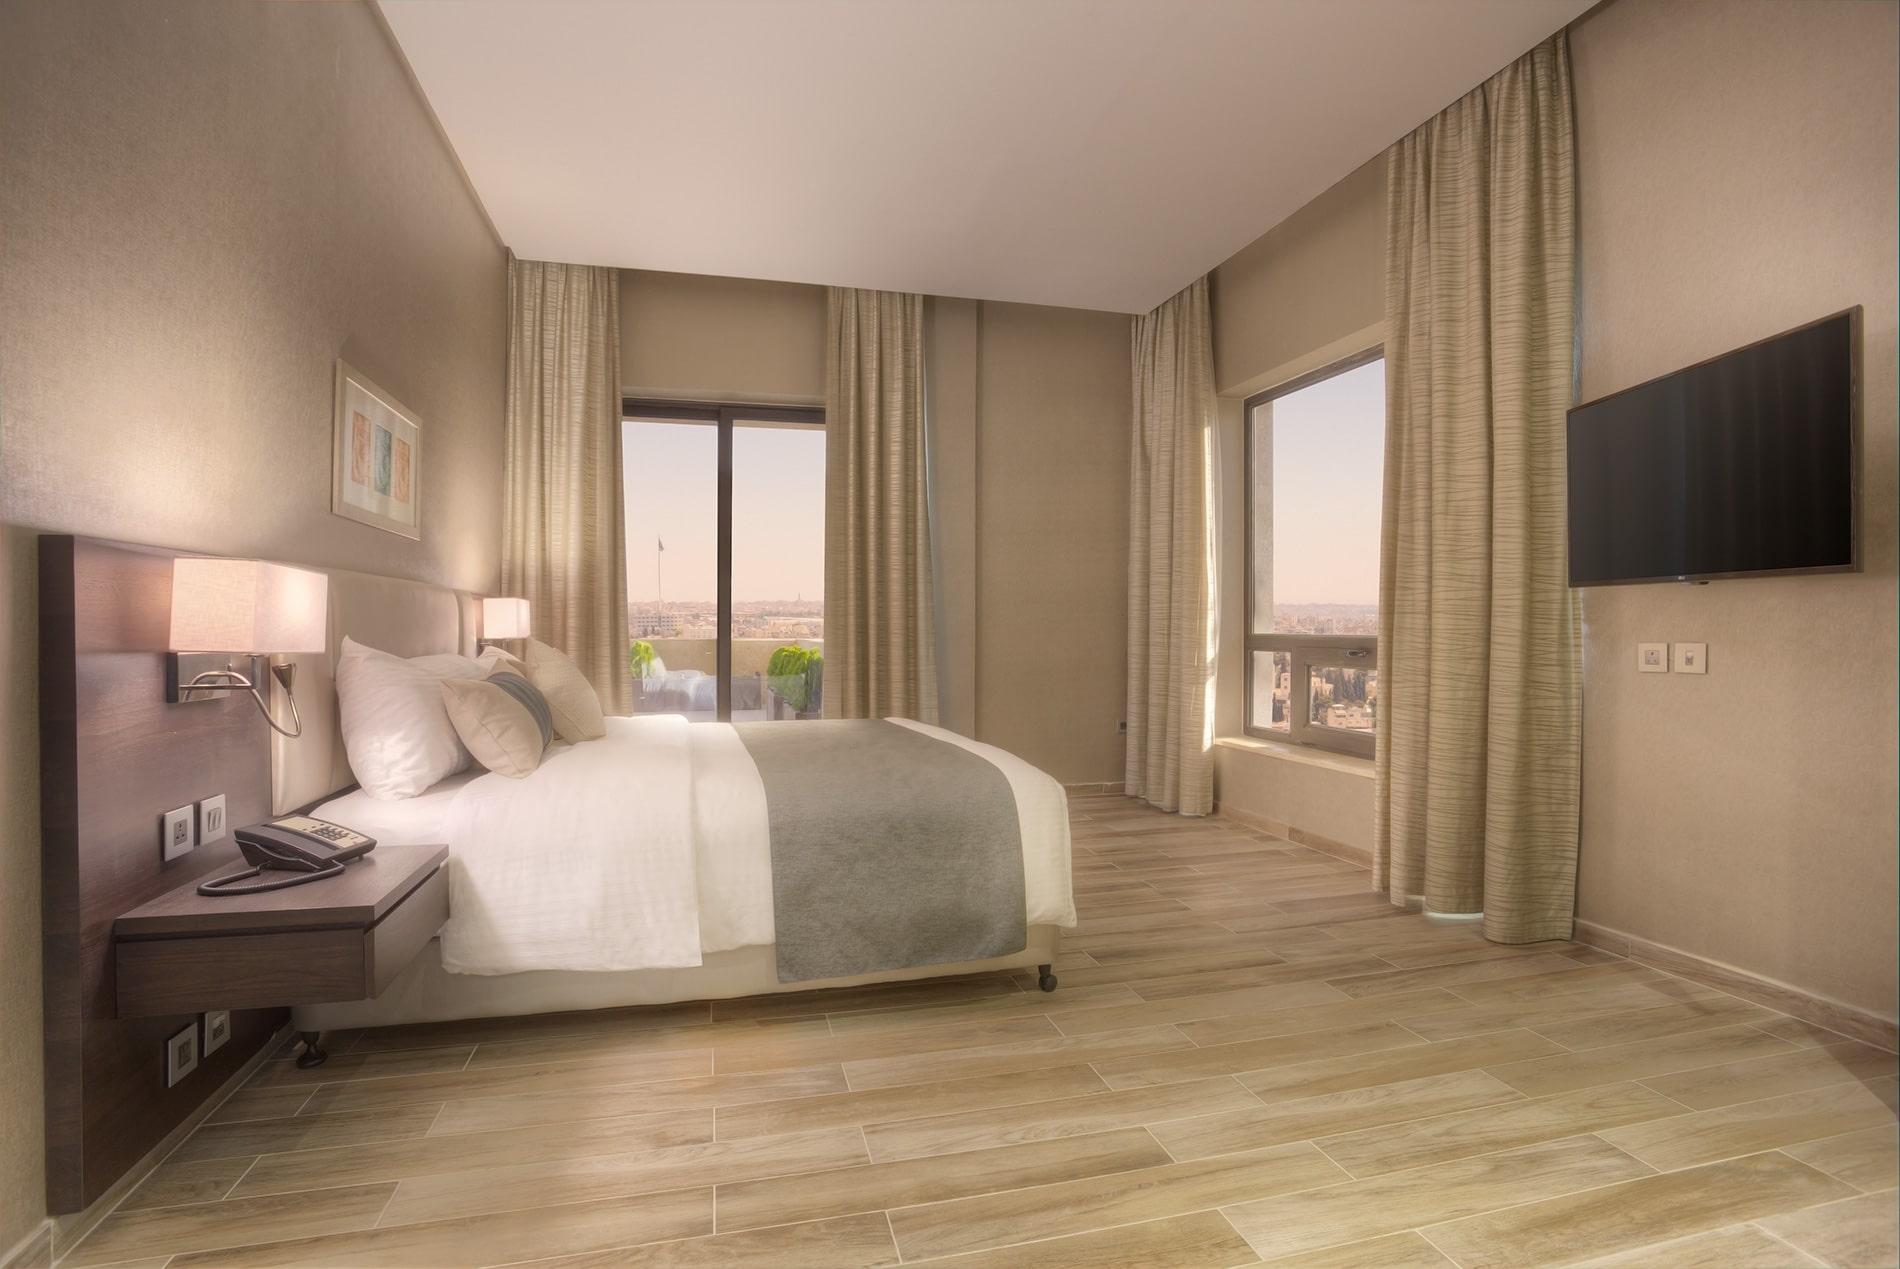 unitrips-jordanie-the-house-boutique-suites-Double-room-Studio-2-min